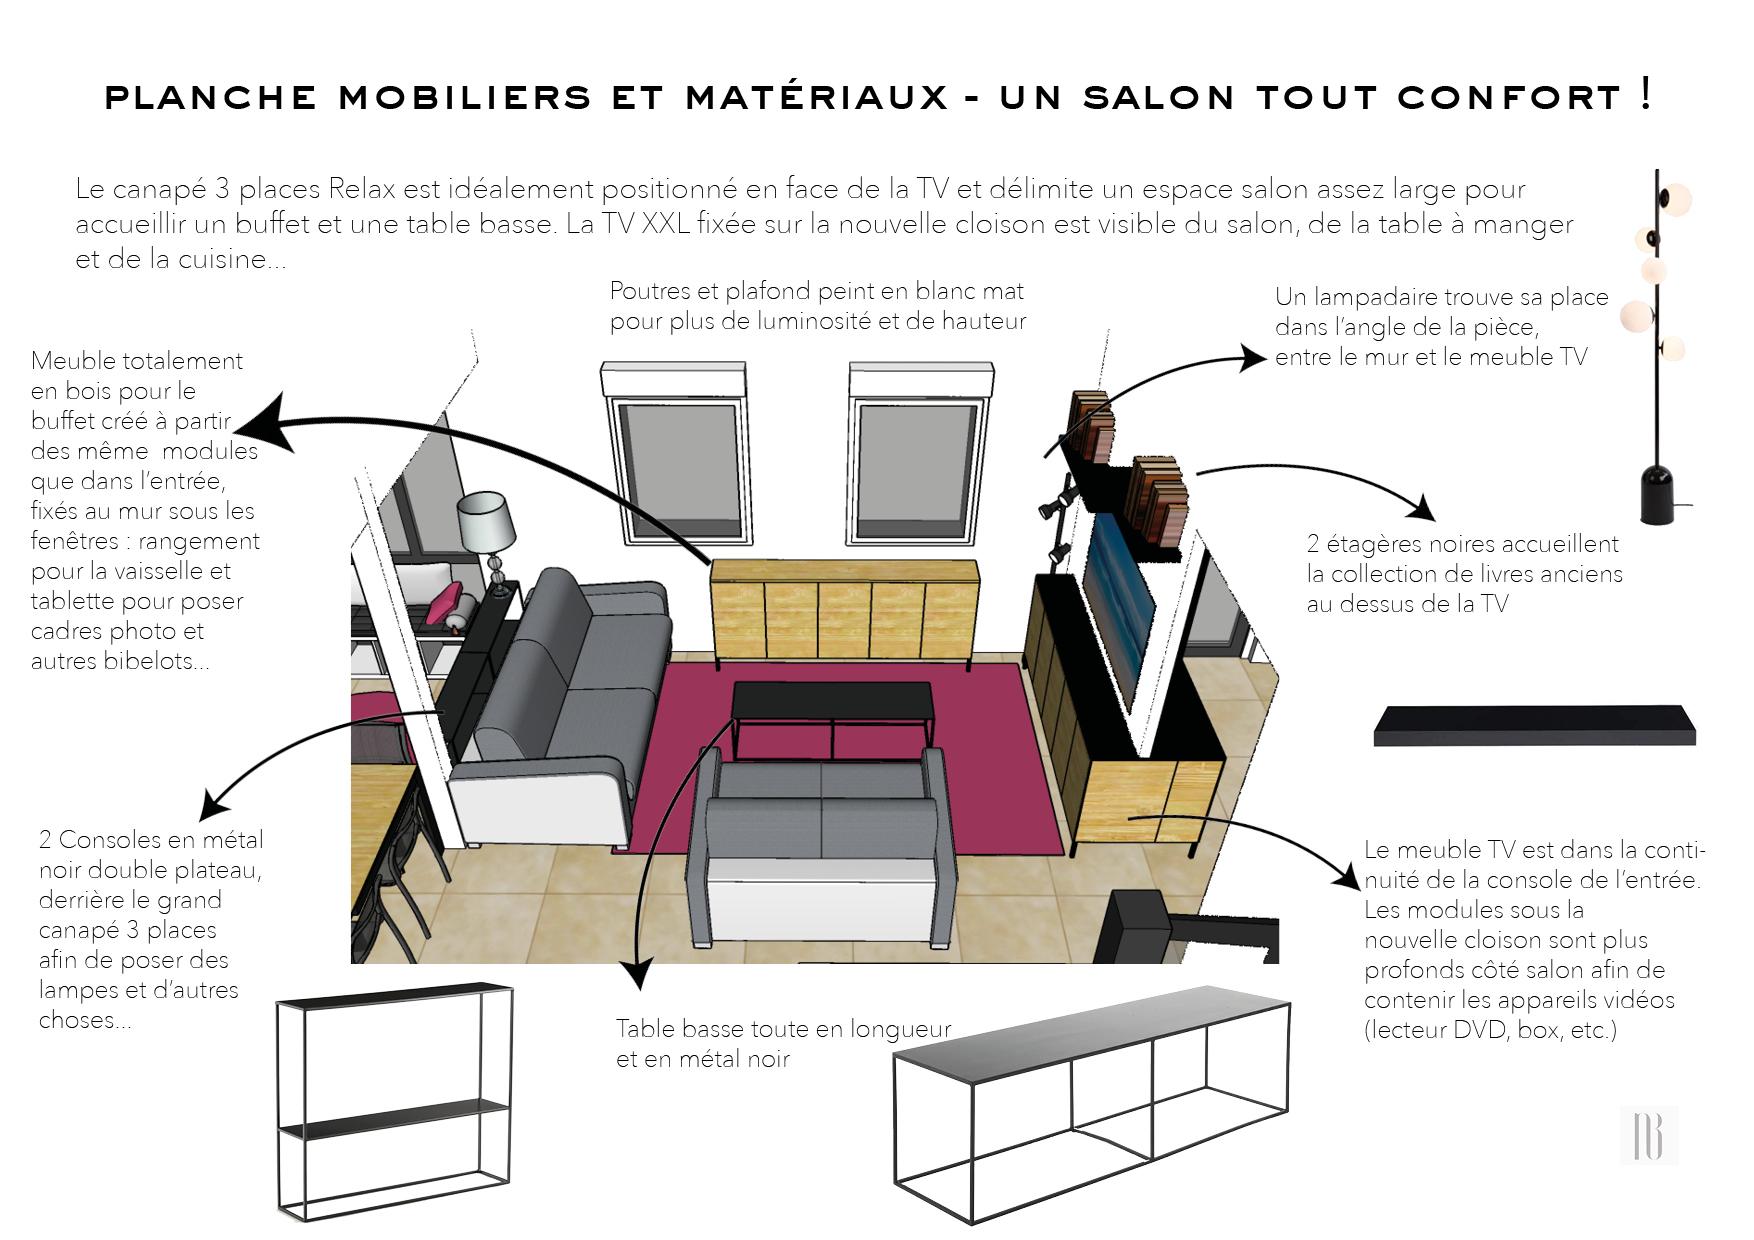 Nathalie Bossard décoration architecture intérieur Rennes 35 UFDI-390 Book déco maison individuelle bretagne sud 2019 planche mobilier et matériaux salon confort